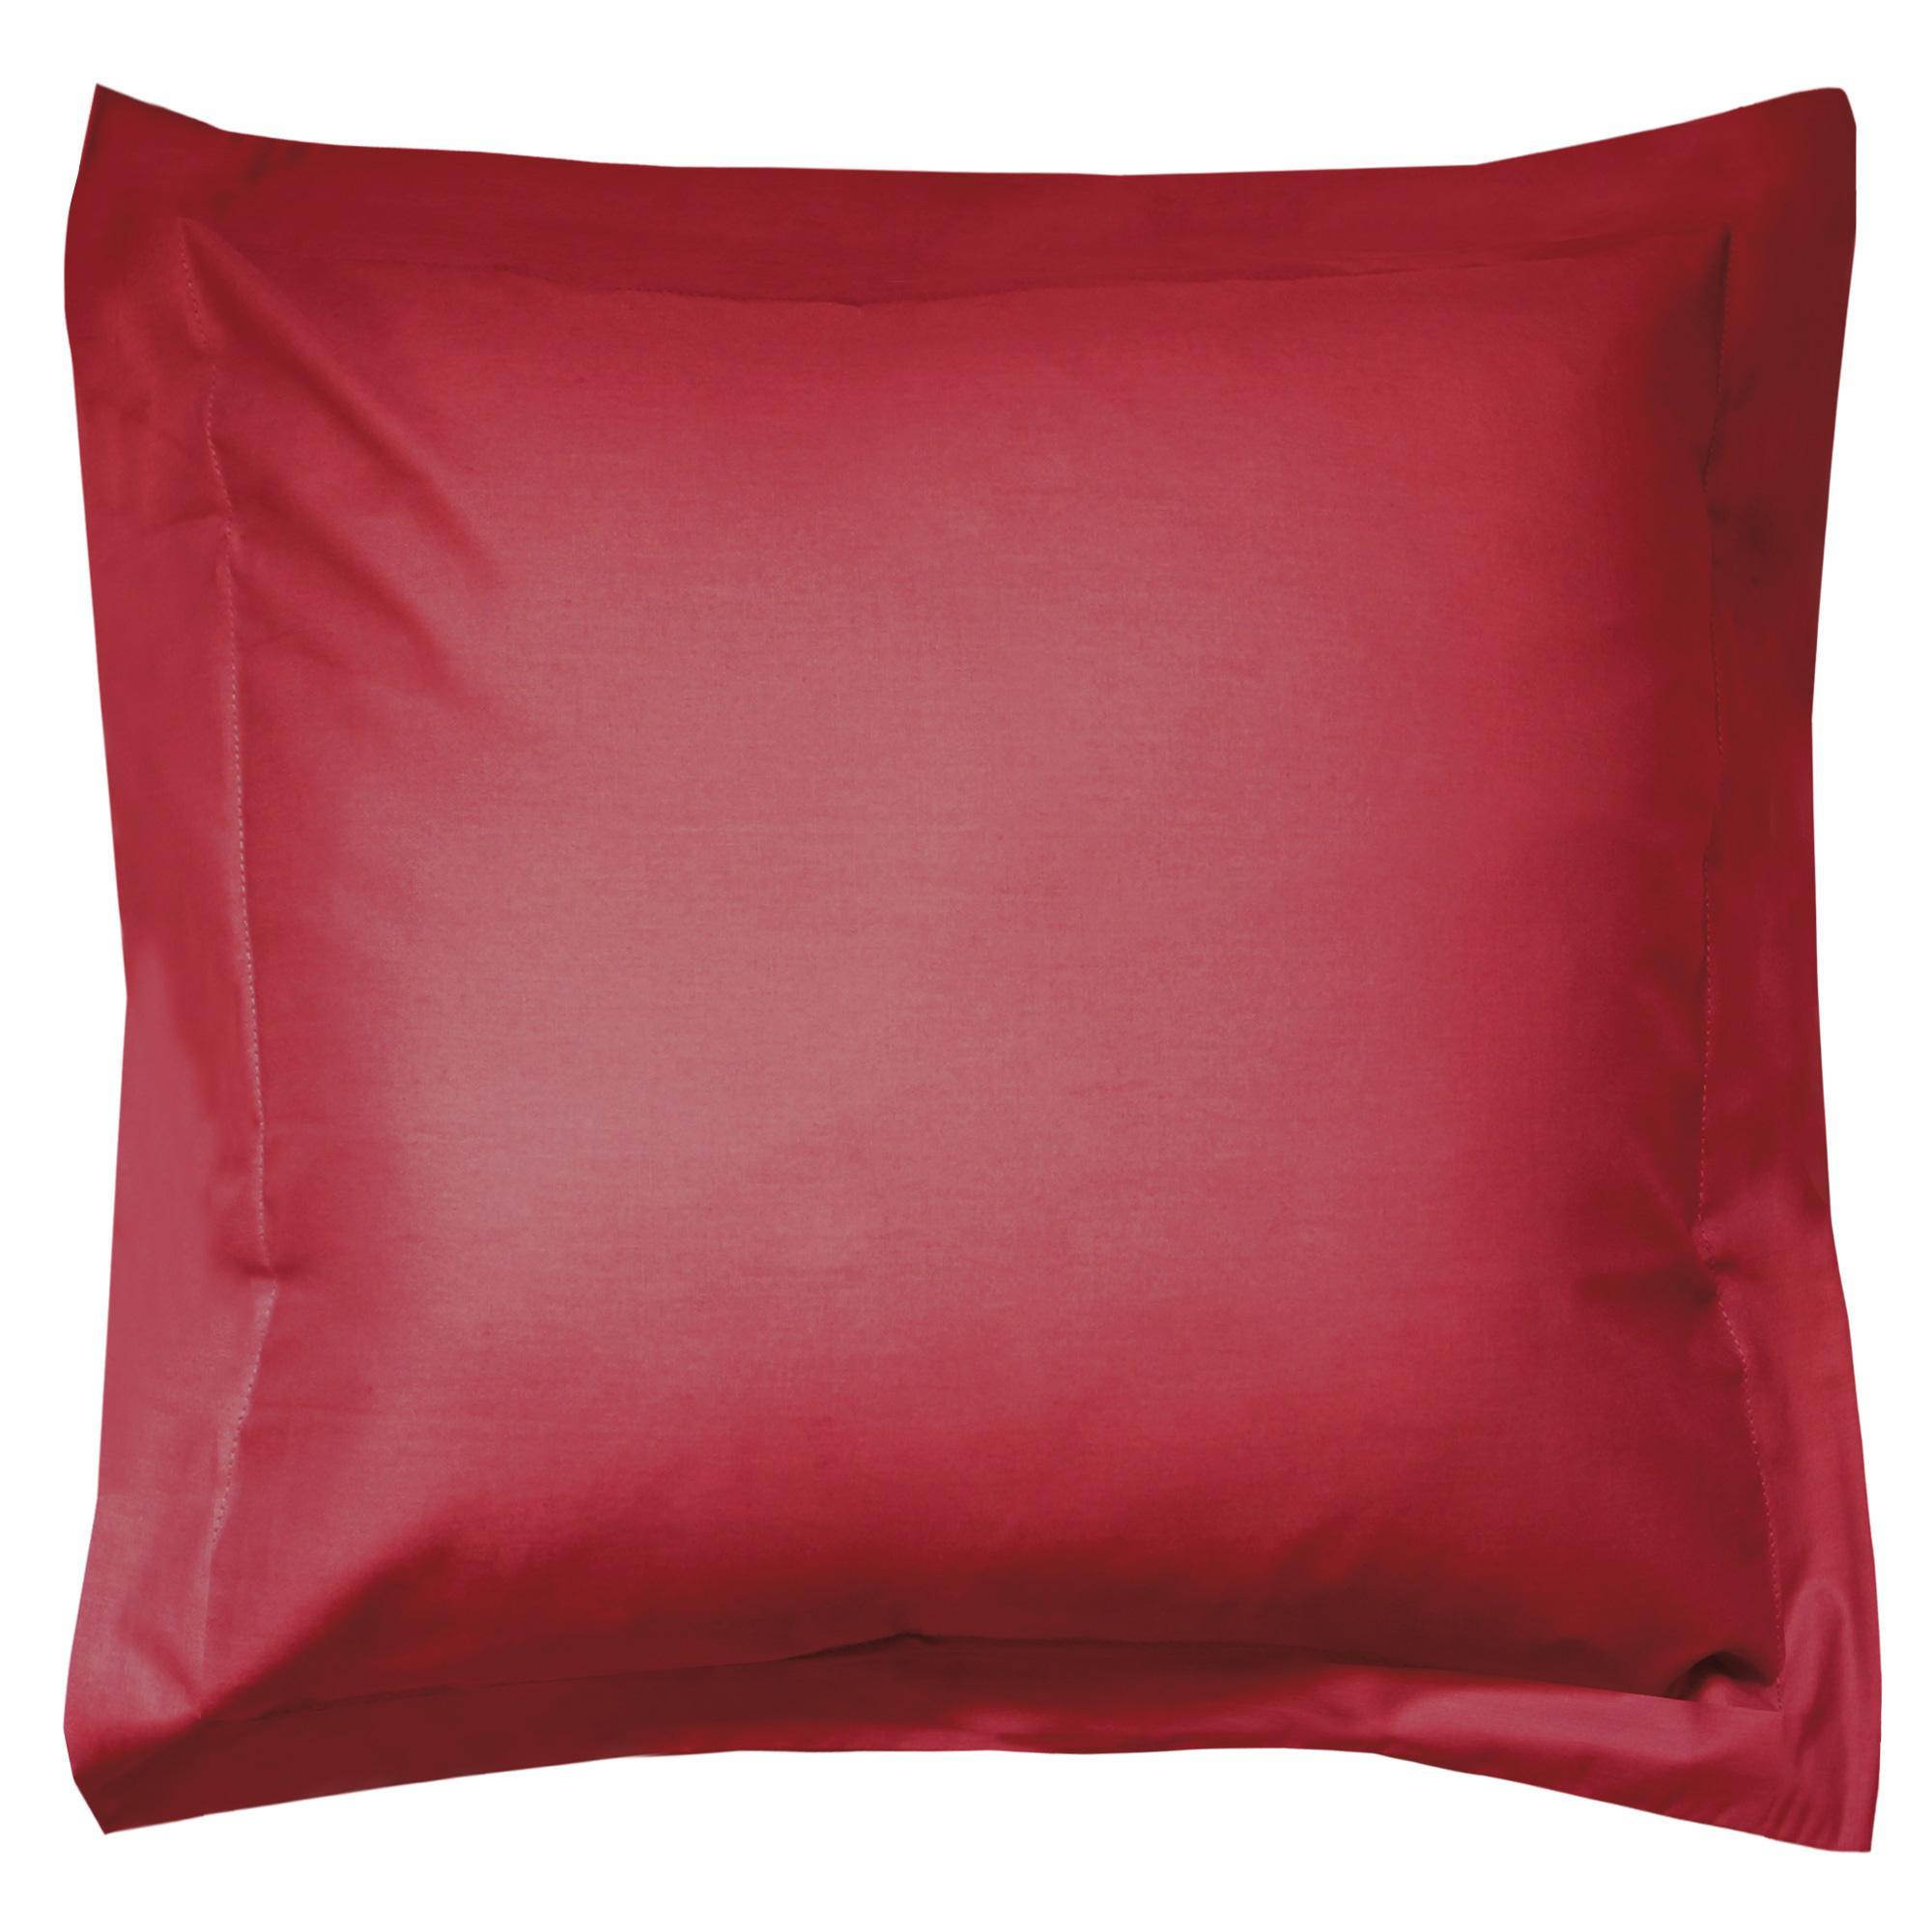 taie d 39 oreiller 80x80cm uni pur coton alto rouge garance linnea linge de maison et. Black Bedroom Furniture Sets. Home Design Ideas